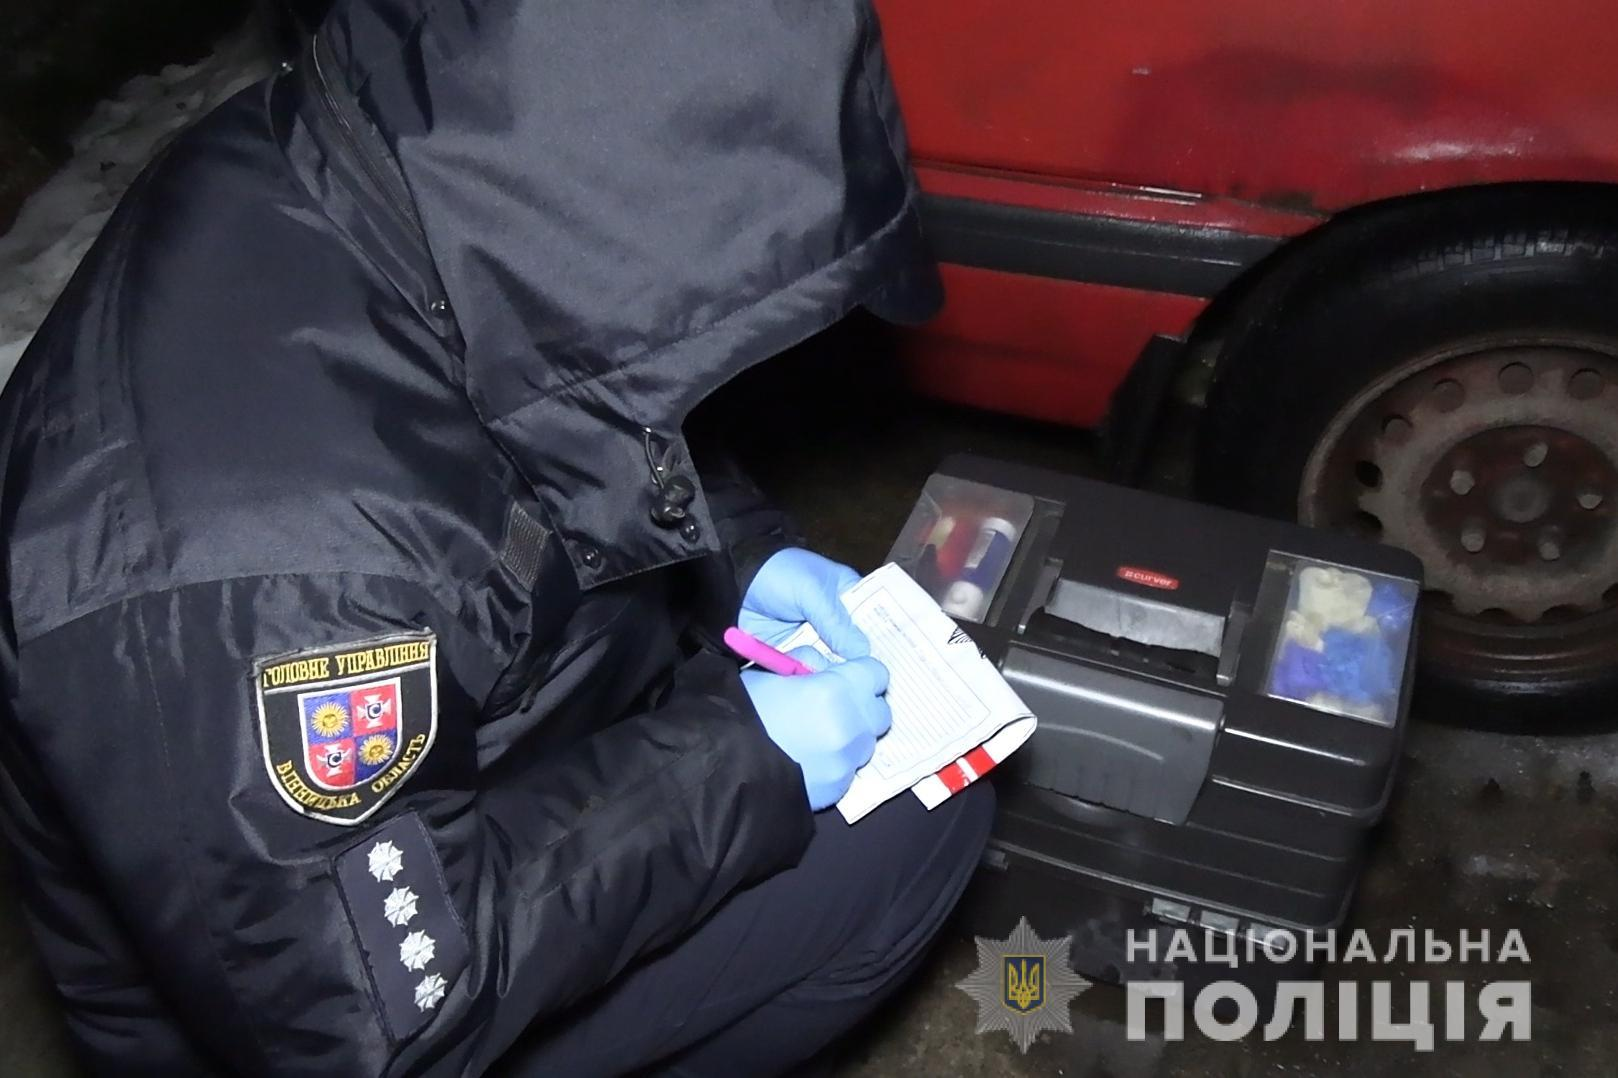 У Вінниці зловмисники пограбували 24-річного хлопця та вимагали принести ще 20 тисяч гривень (Фото)